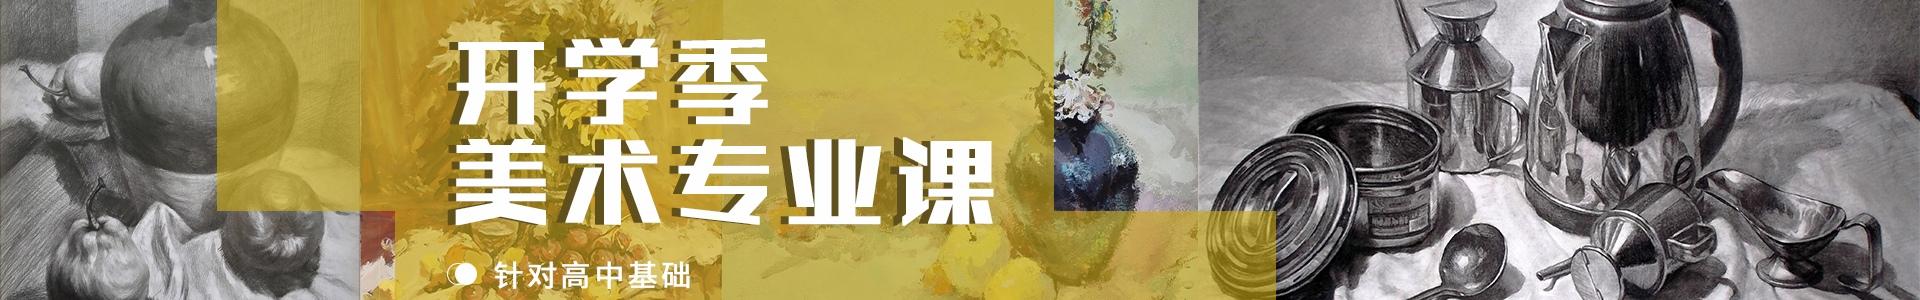 广州树华高考美术培训学校